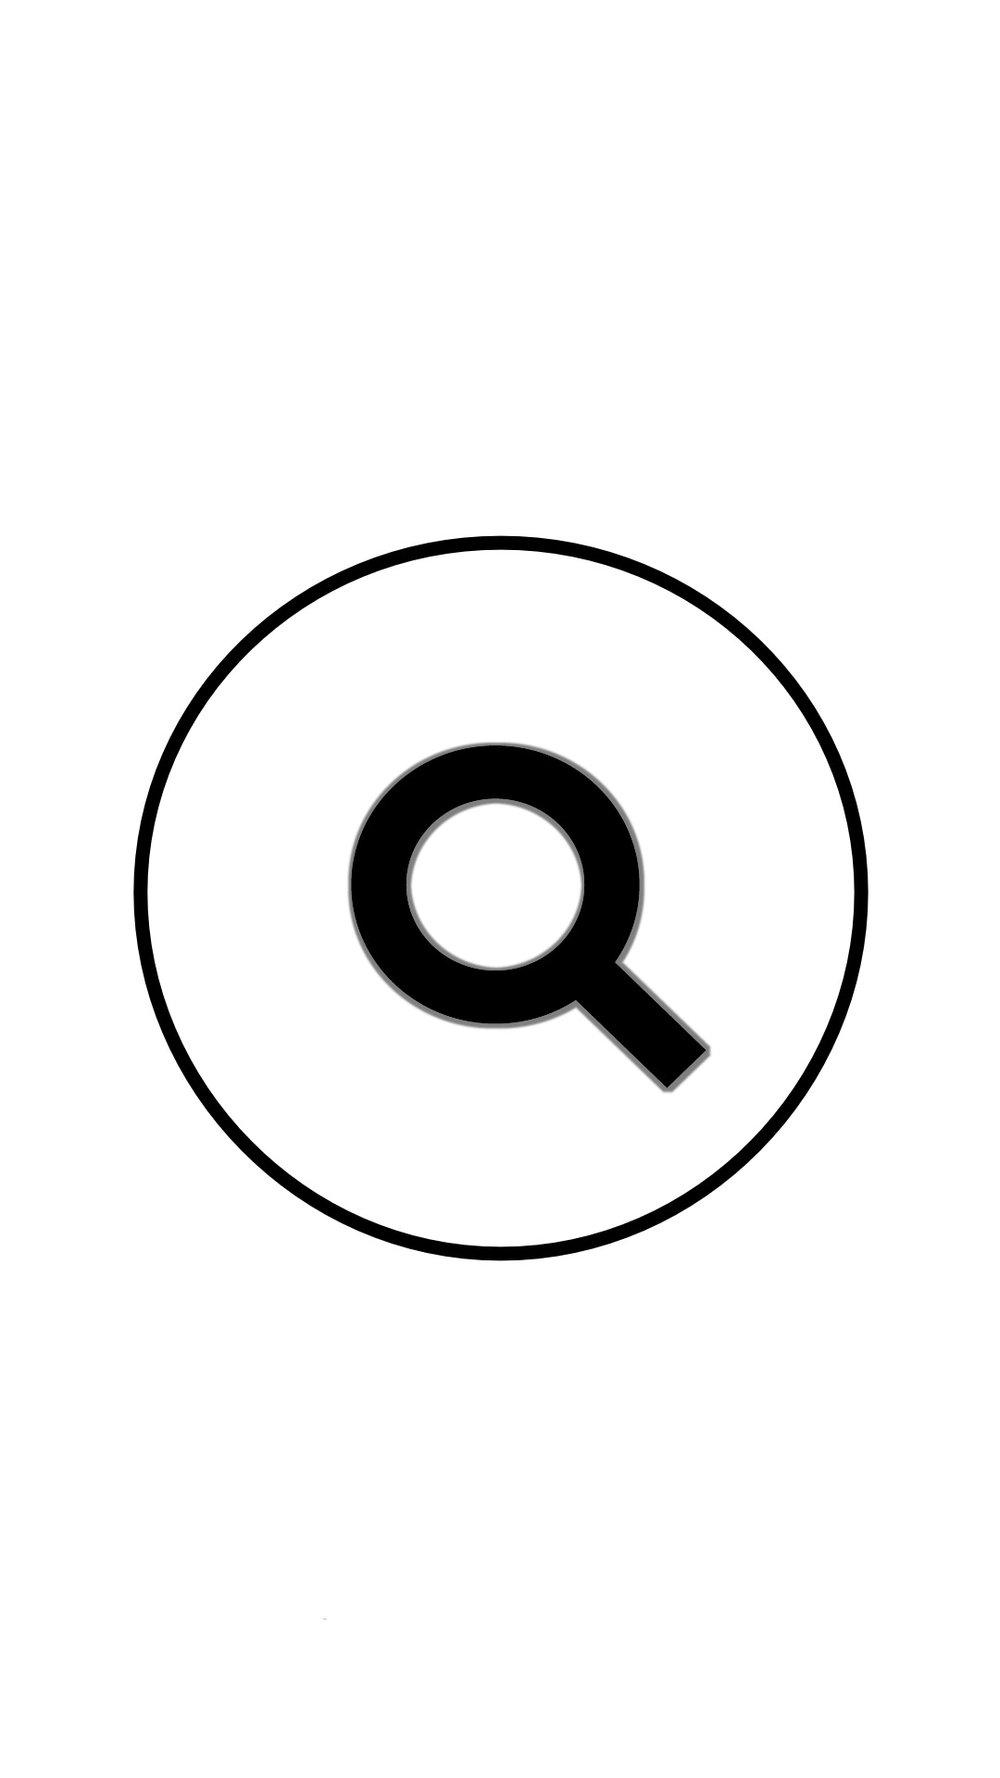 Instagram-cover-magnify-blackwhite-lotnotes.com.jpg